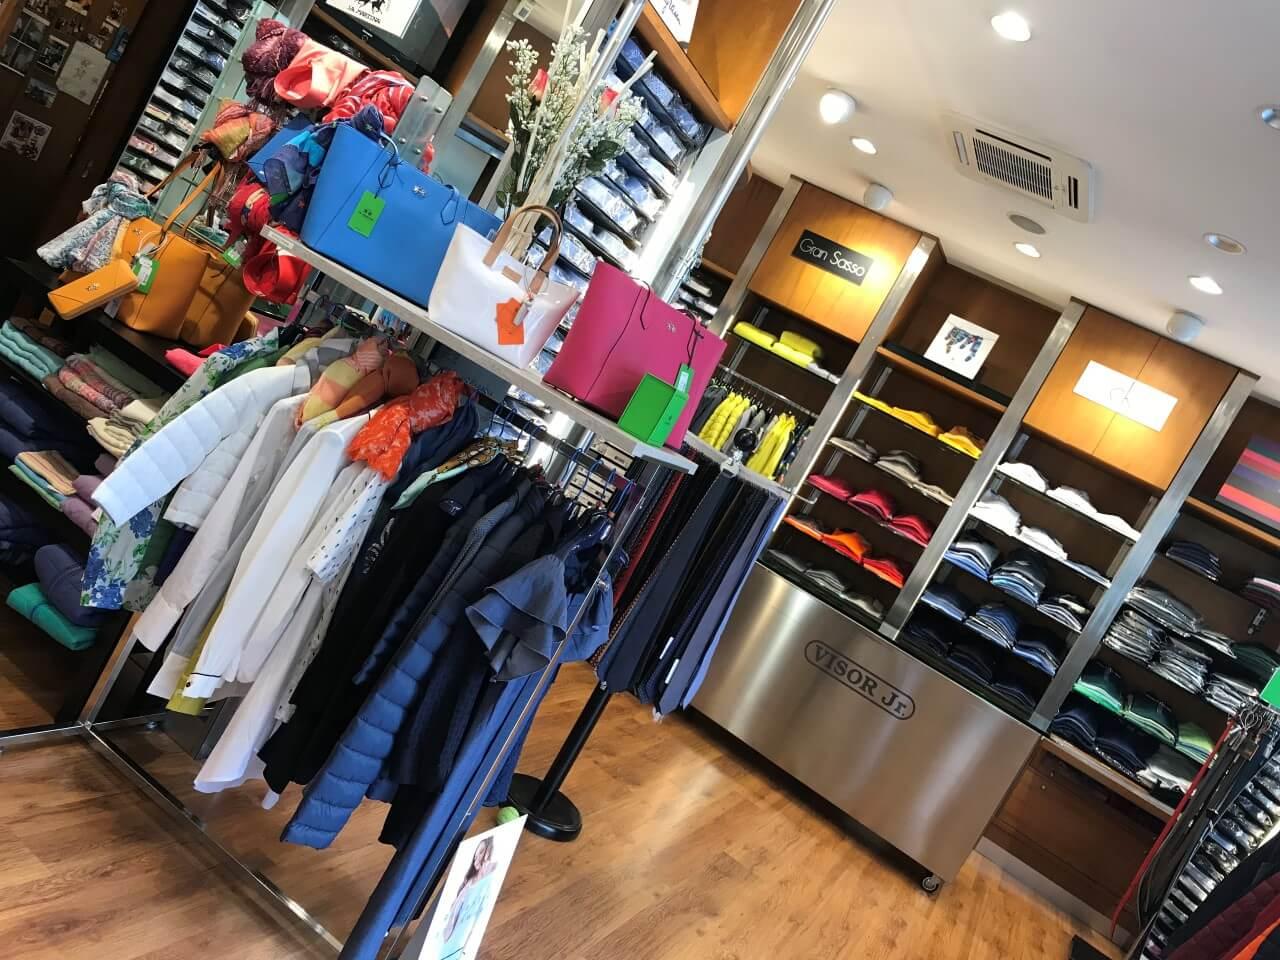 foto interno negozio d'abbigliamento